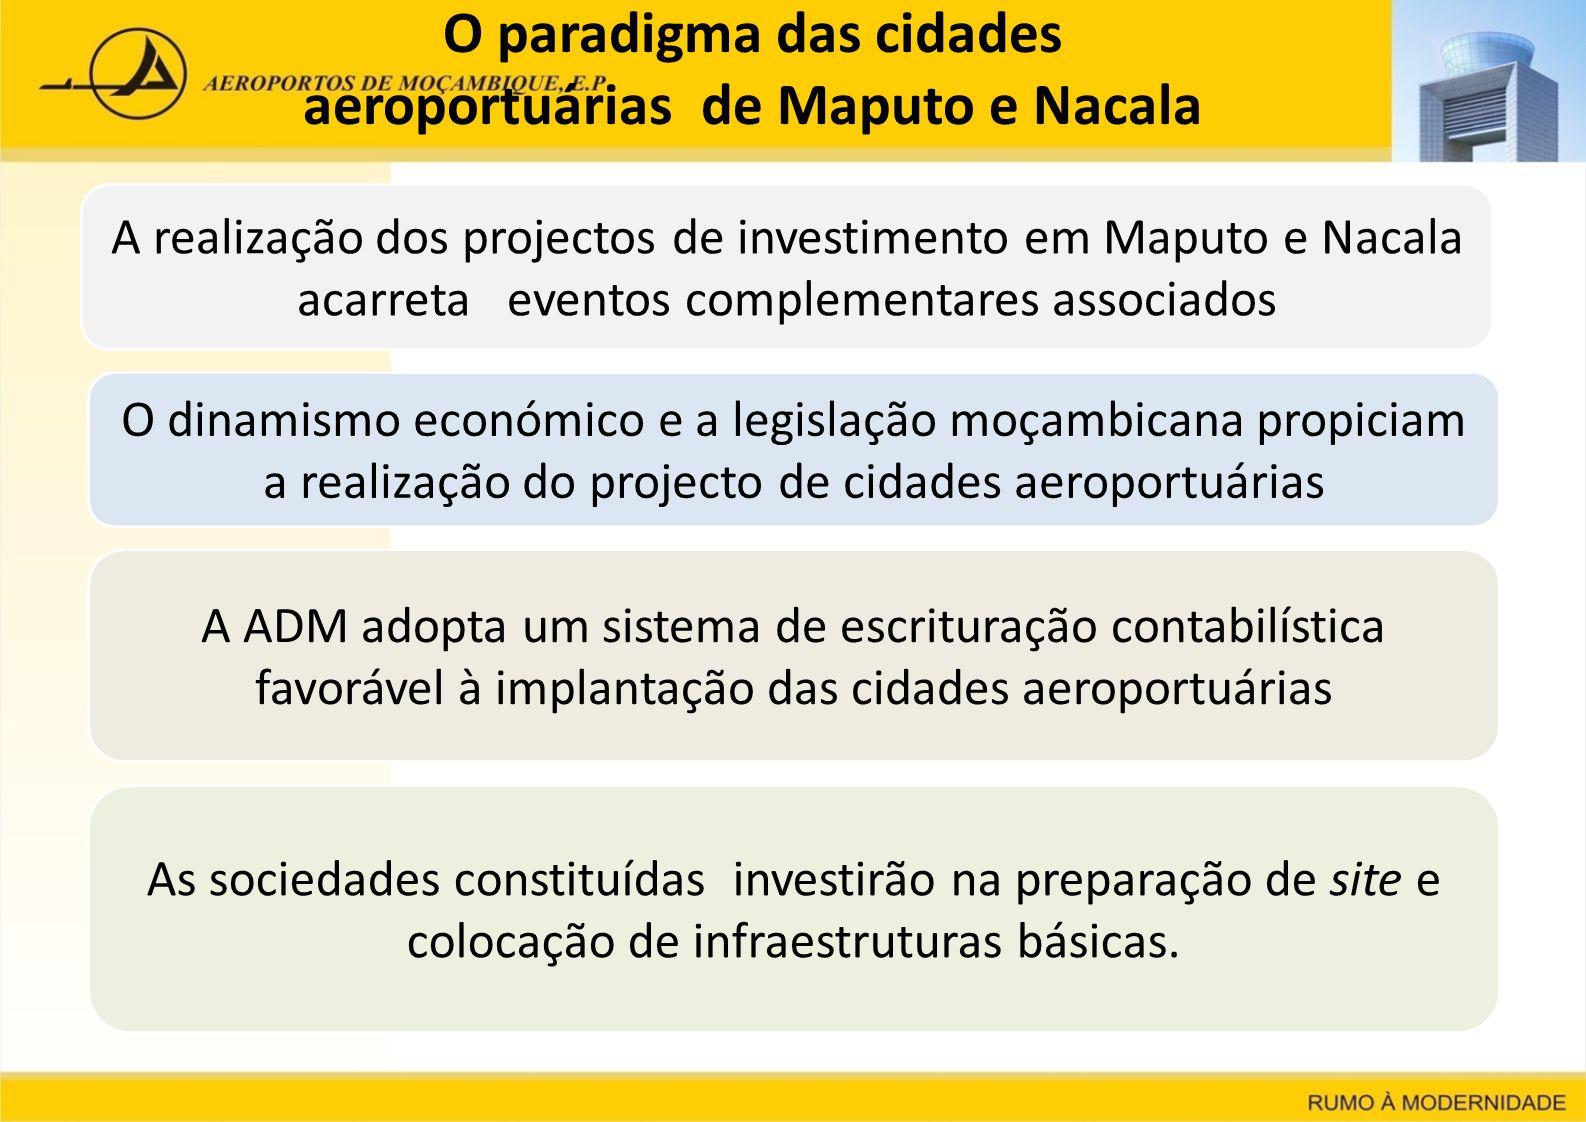 NACALA AIRPORT CITY LOCALIZACAO Localizada na Provincia de Nampula, a cidade portuaria de Nacala assume-se como um dos principais polos de desenvolvimento de Mocambique Cerca de trinta projectos de 12 projectos de grande envergadura no valor de USD 7.7 Mil Milhões deverão correr nas zonas que circundam Nacala Localizado a meio caminho entre a cidade e a Praia Fernao Veloso, o futuro Aeroporto Internacional de Nacala assume um papel estratégico no dominio da logistica A implantacao de uma cidade aeroportuaria em Nacala circunscreve uma oportunidade surgida neste contexto